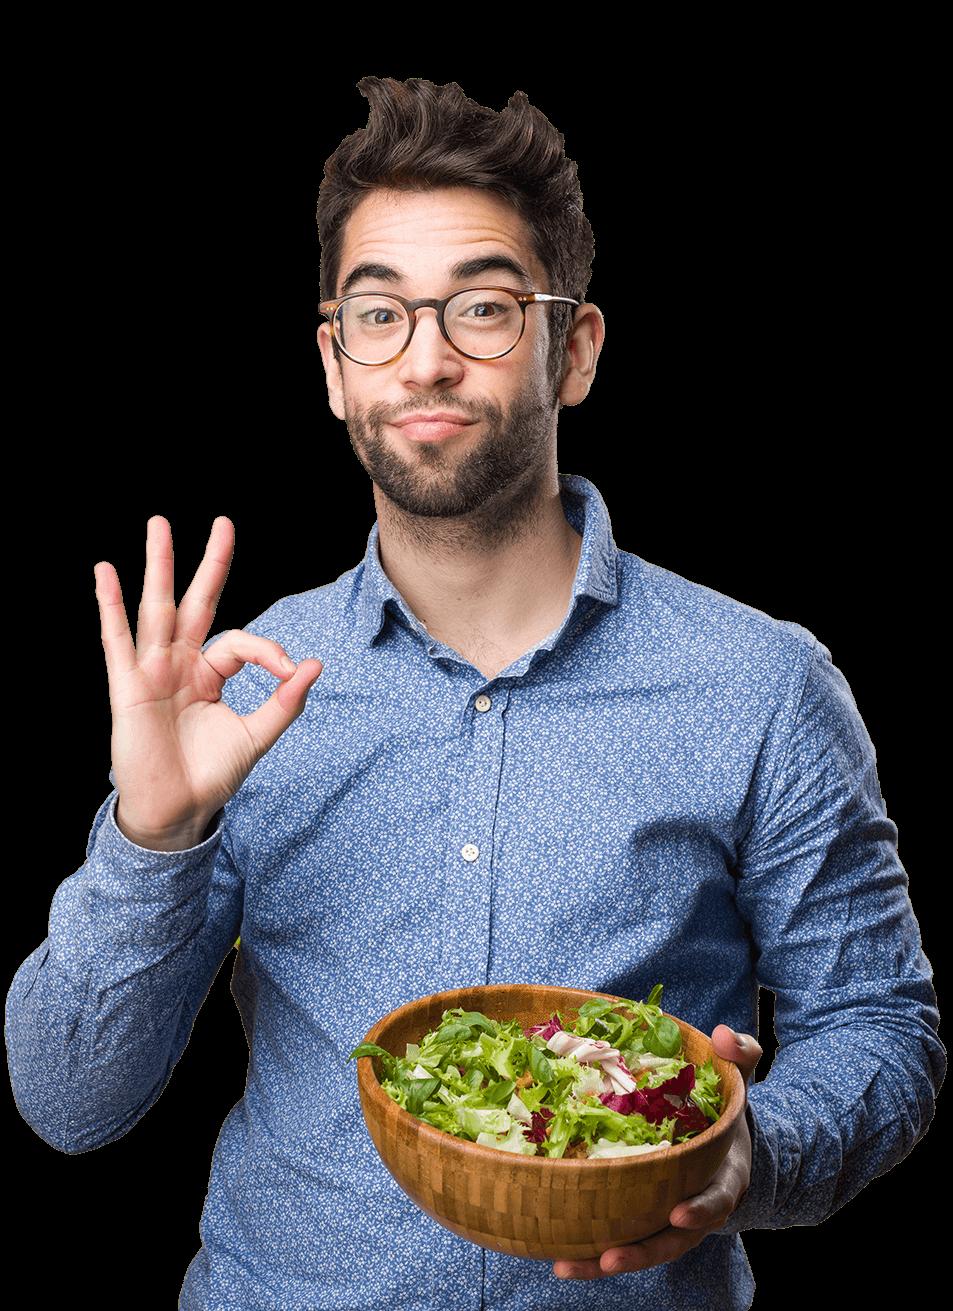 Gesunde Ernährung System Header